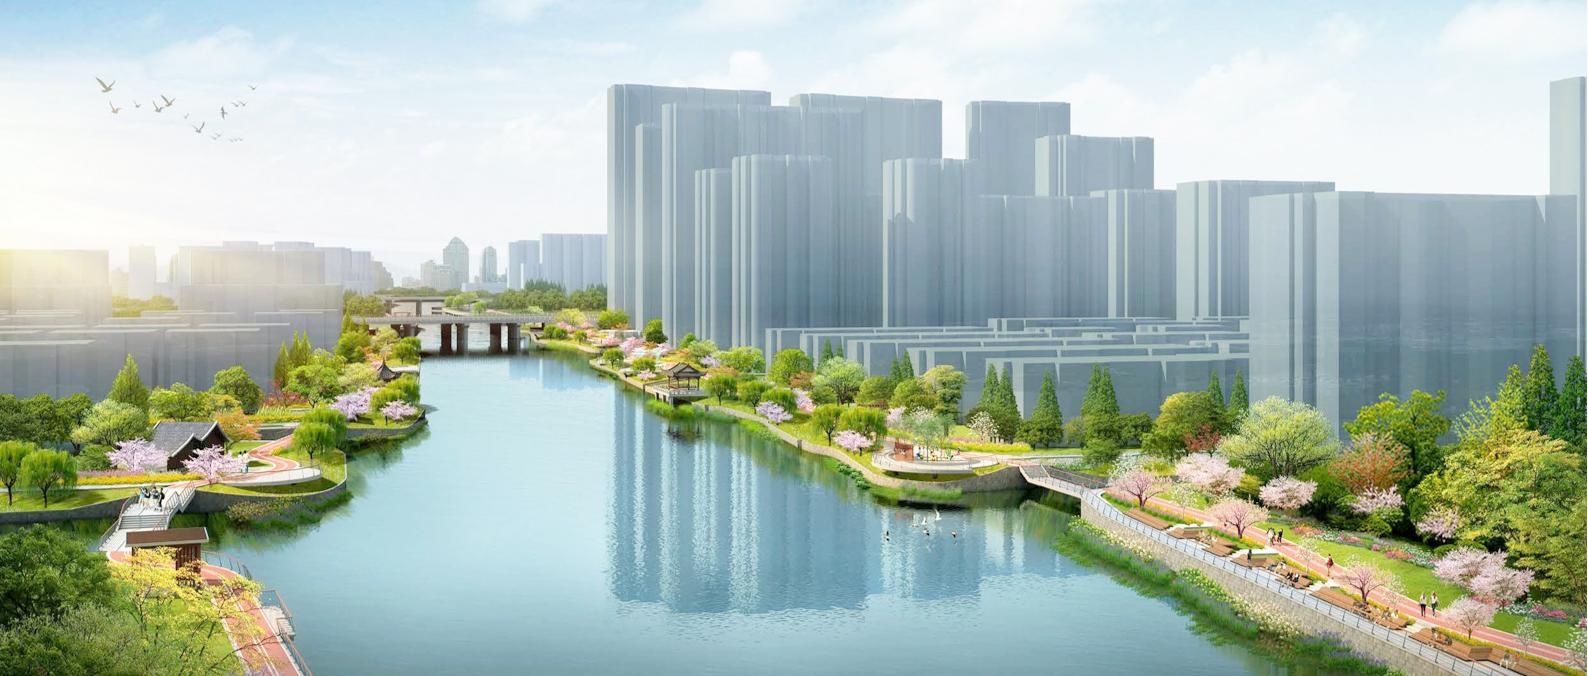 嘉善县伍子塘吴越文化绿廊概念设计方案征集